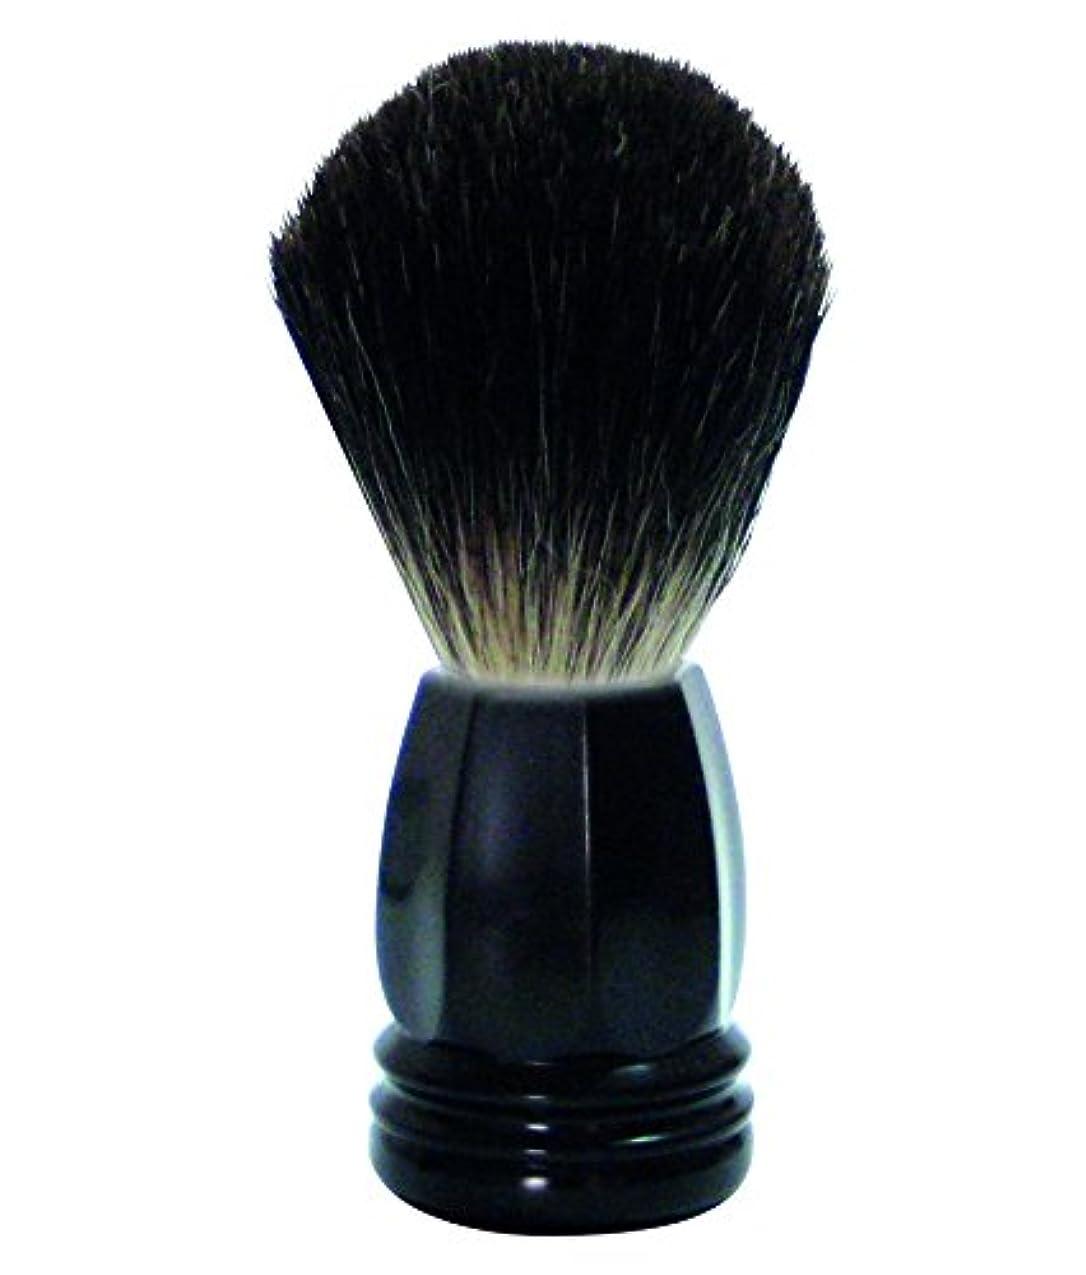 会員狂乱肉のGOLDDACHS Shaving Brush, 100% Badger hair, black polymer handle